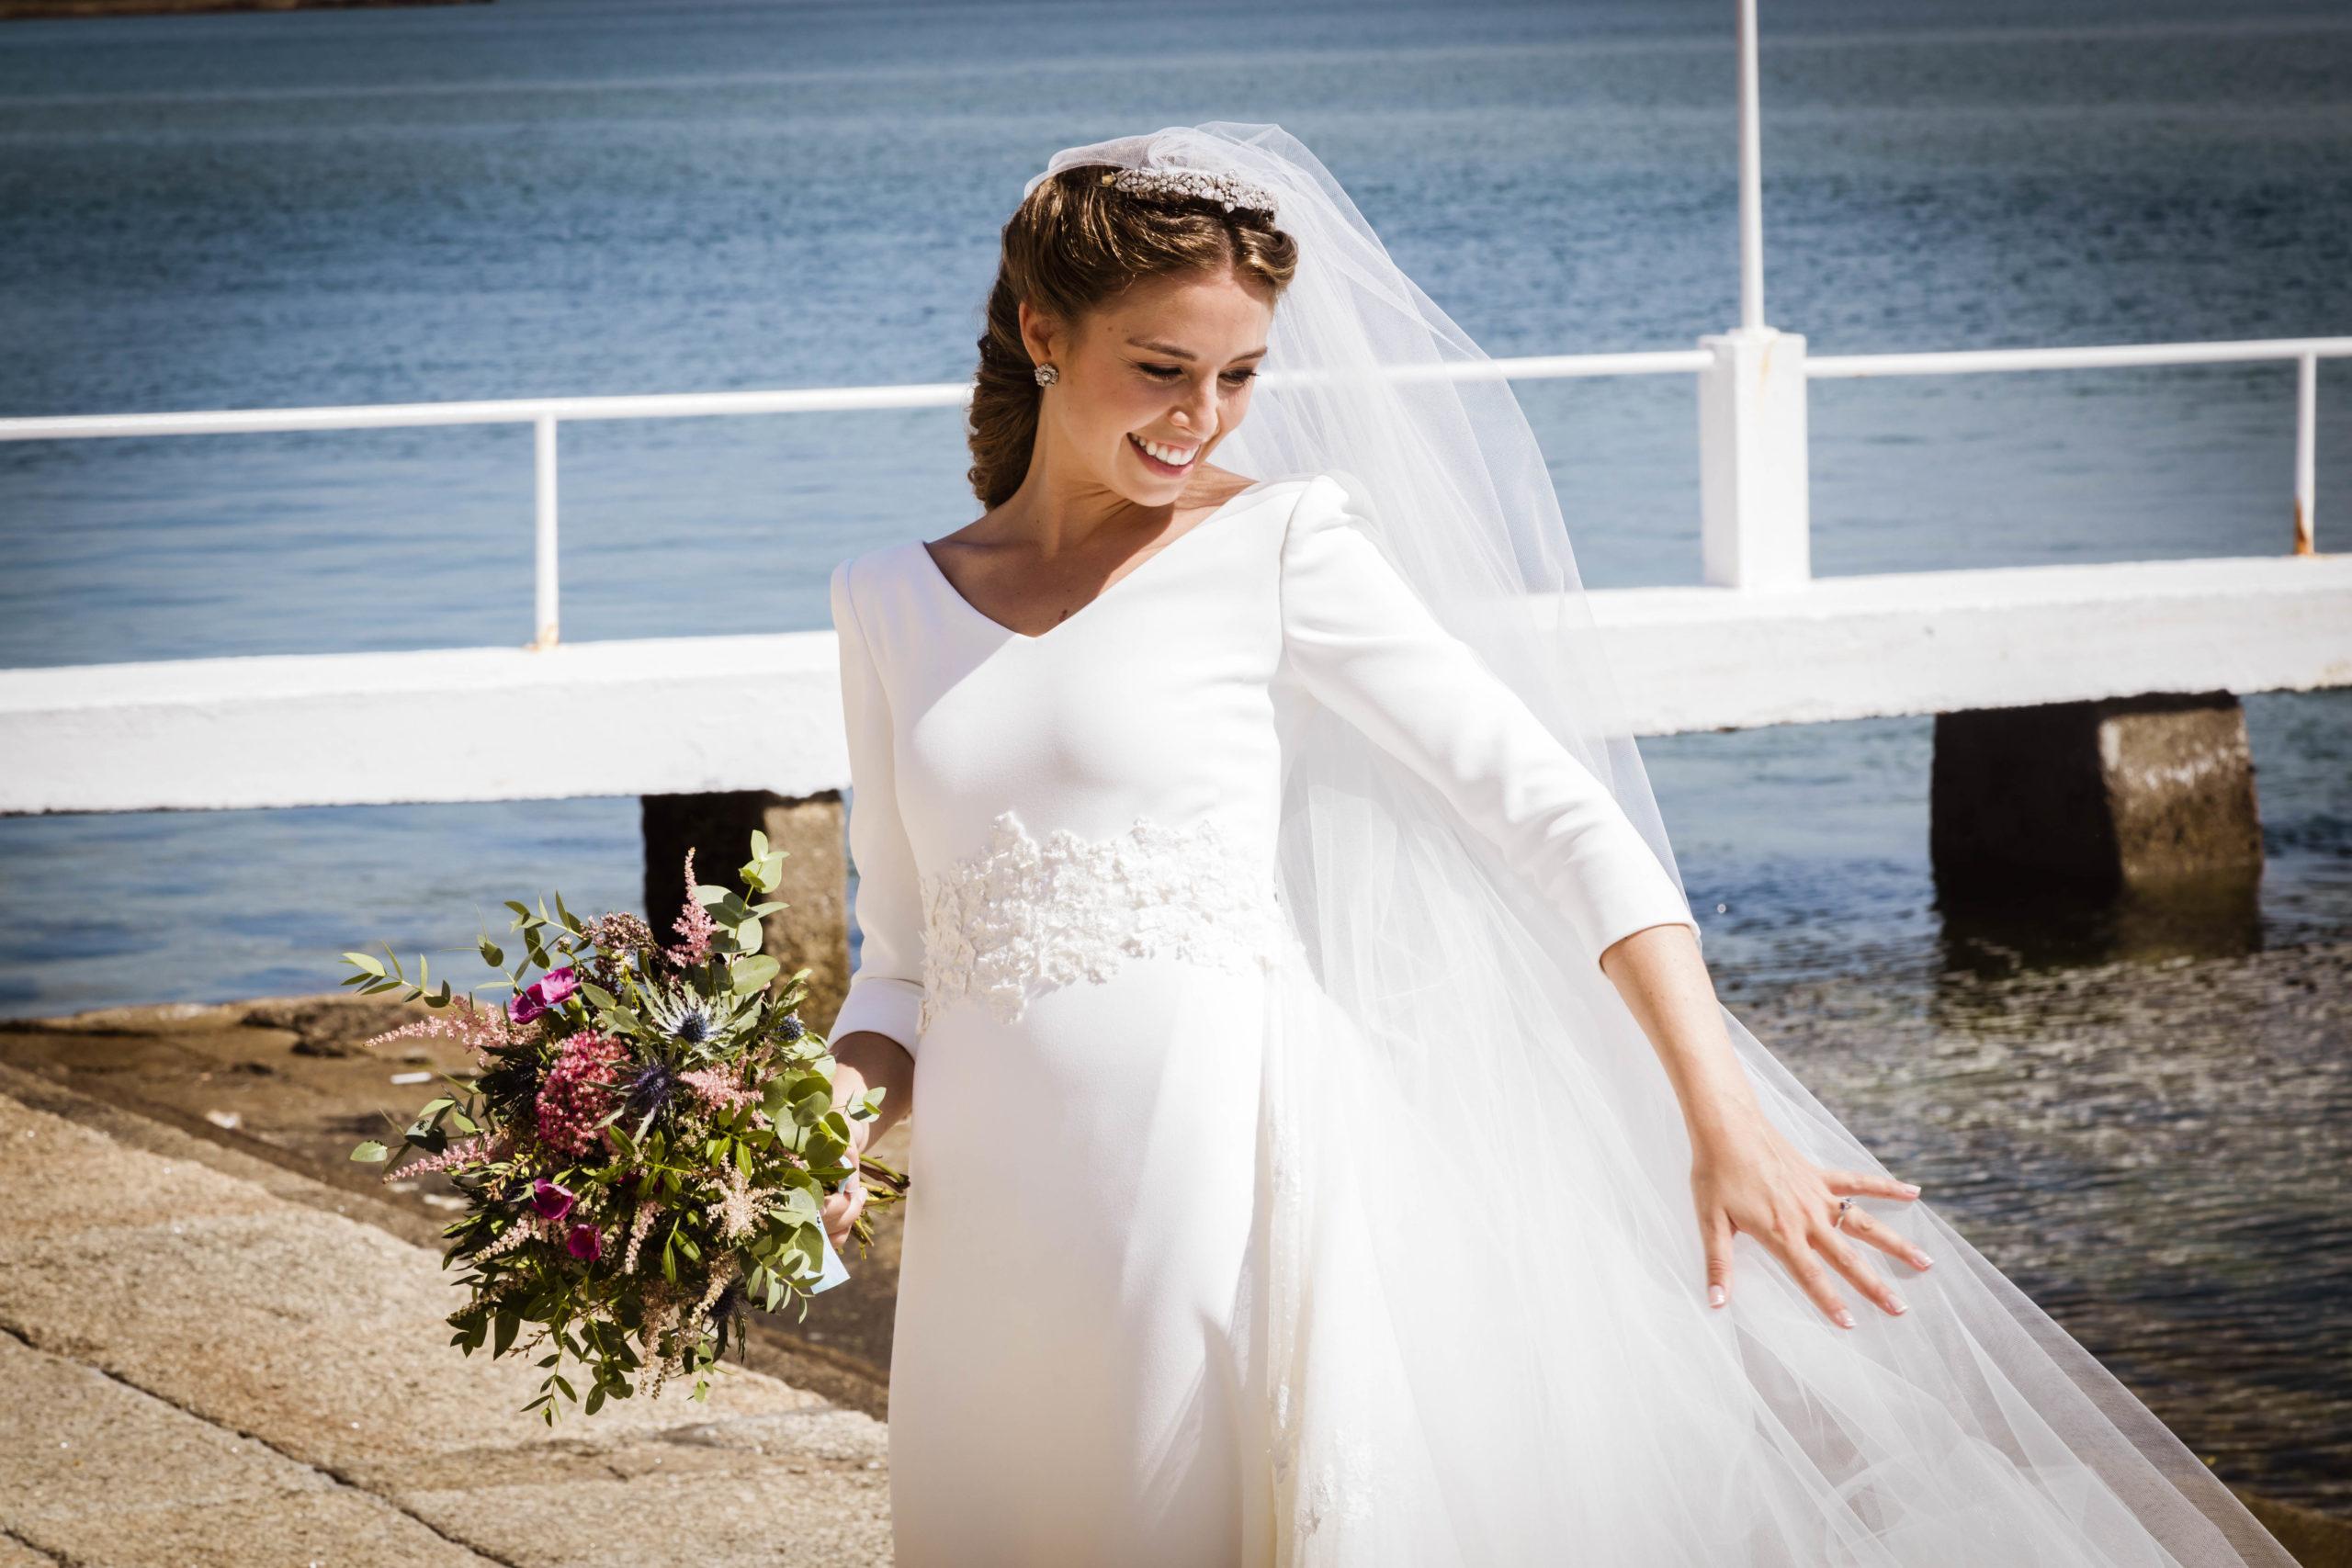 La boda de Belén y Borja